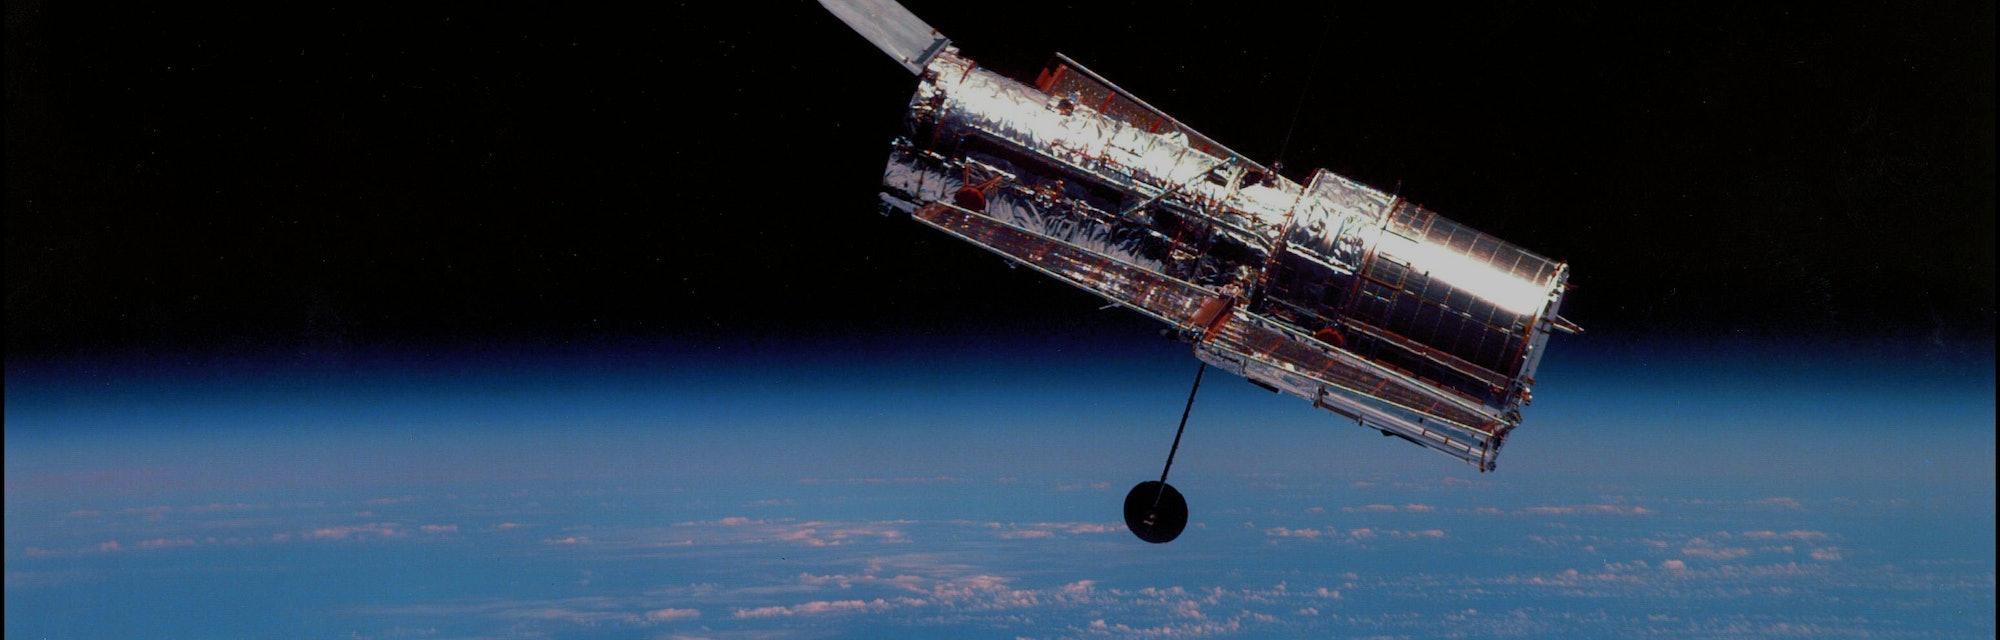 Vue du téléescope spatial Hubble, en février 2002. (Photo by NASA/API/Gamma-Rapho via Getty Images)